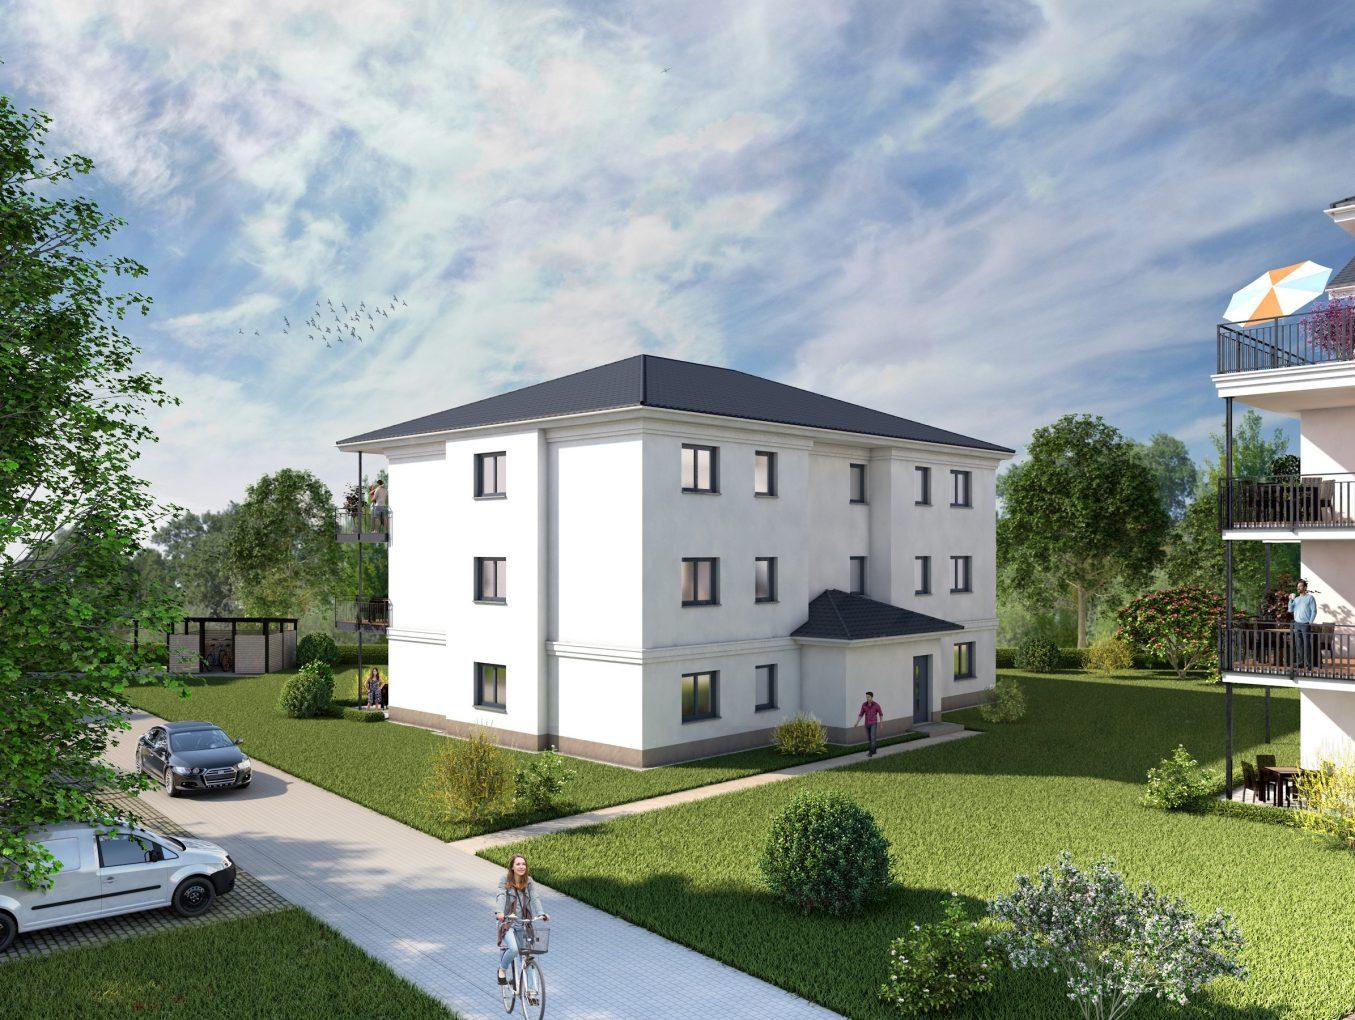 Eigentumswohnung in der Cottbuser Ackerstrasse – Wohnen auf 90m² im GRÜNEN